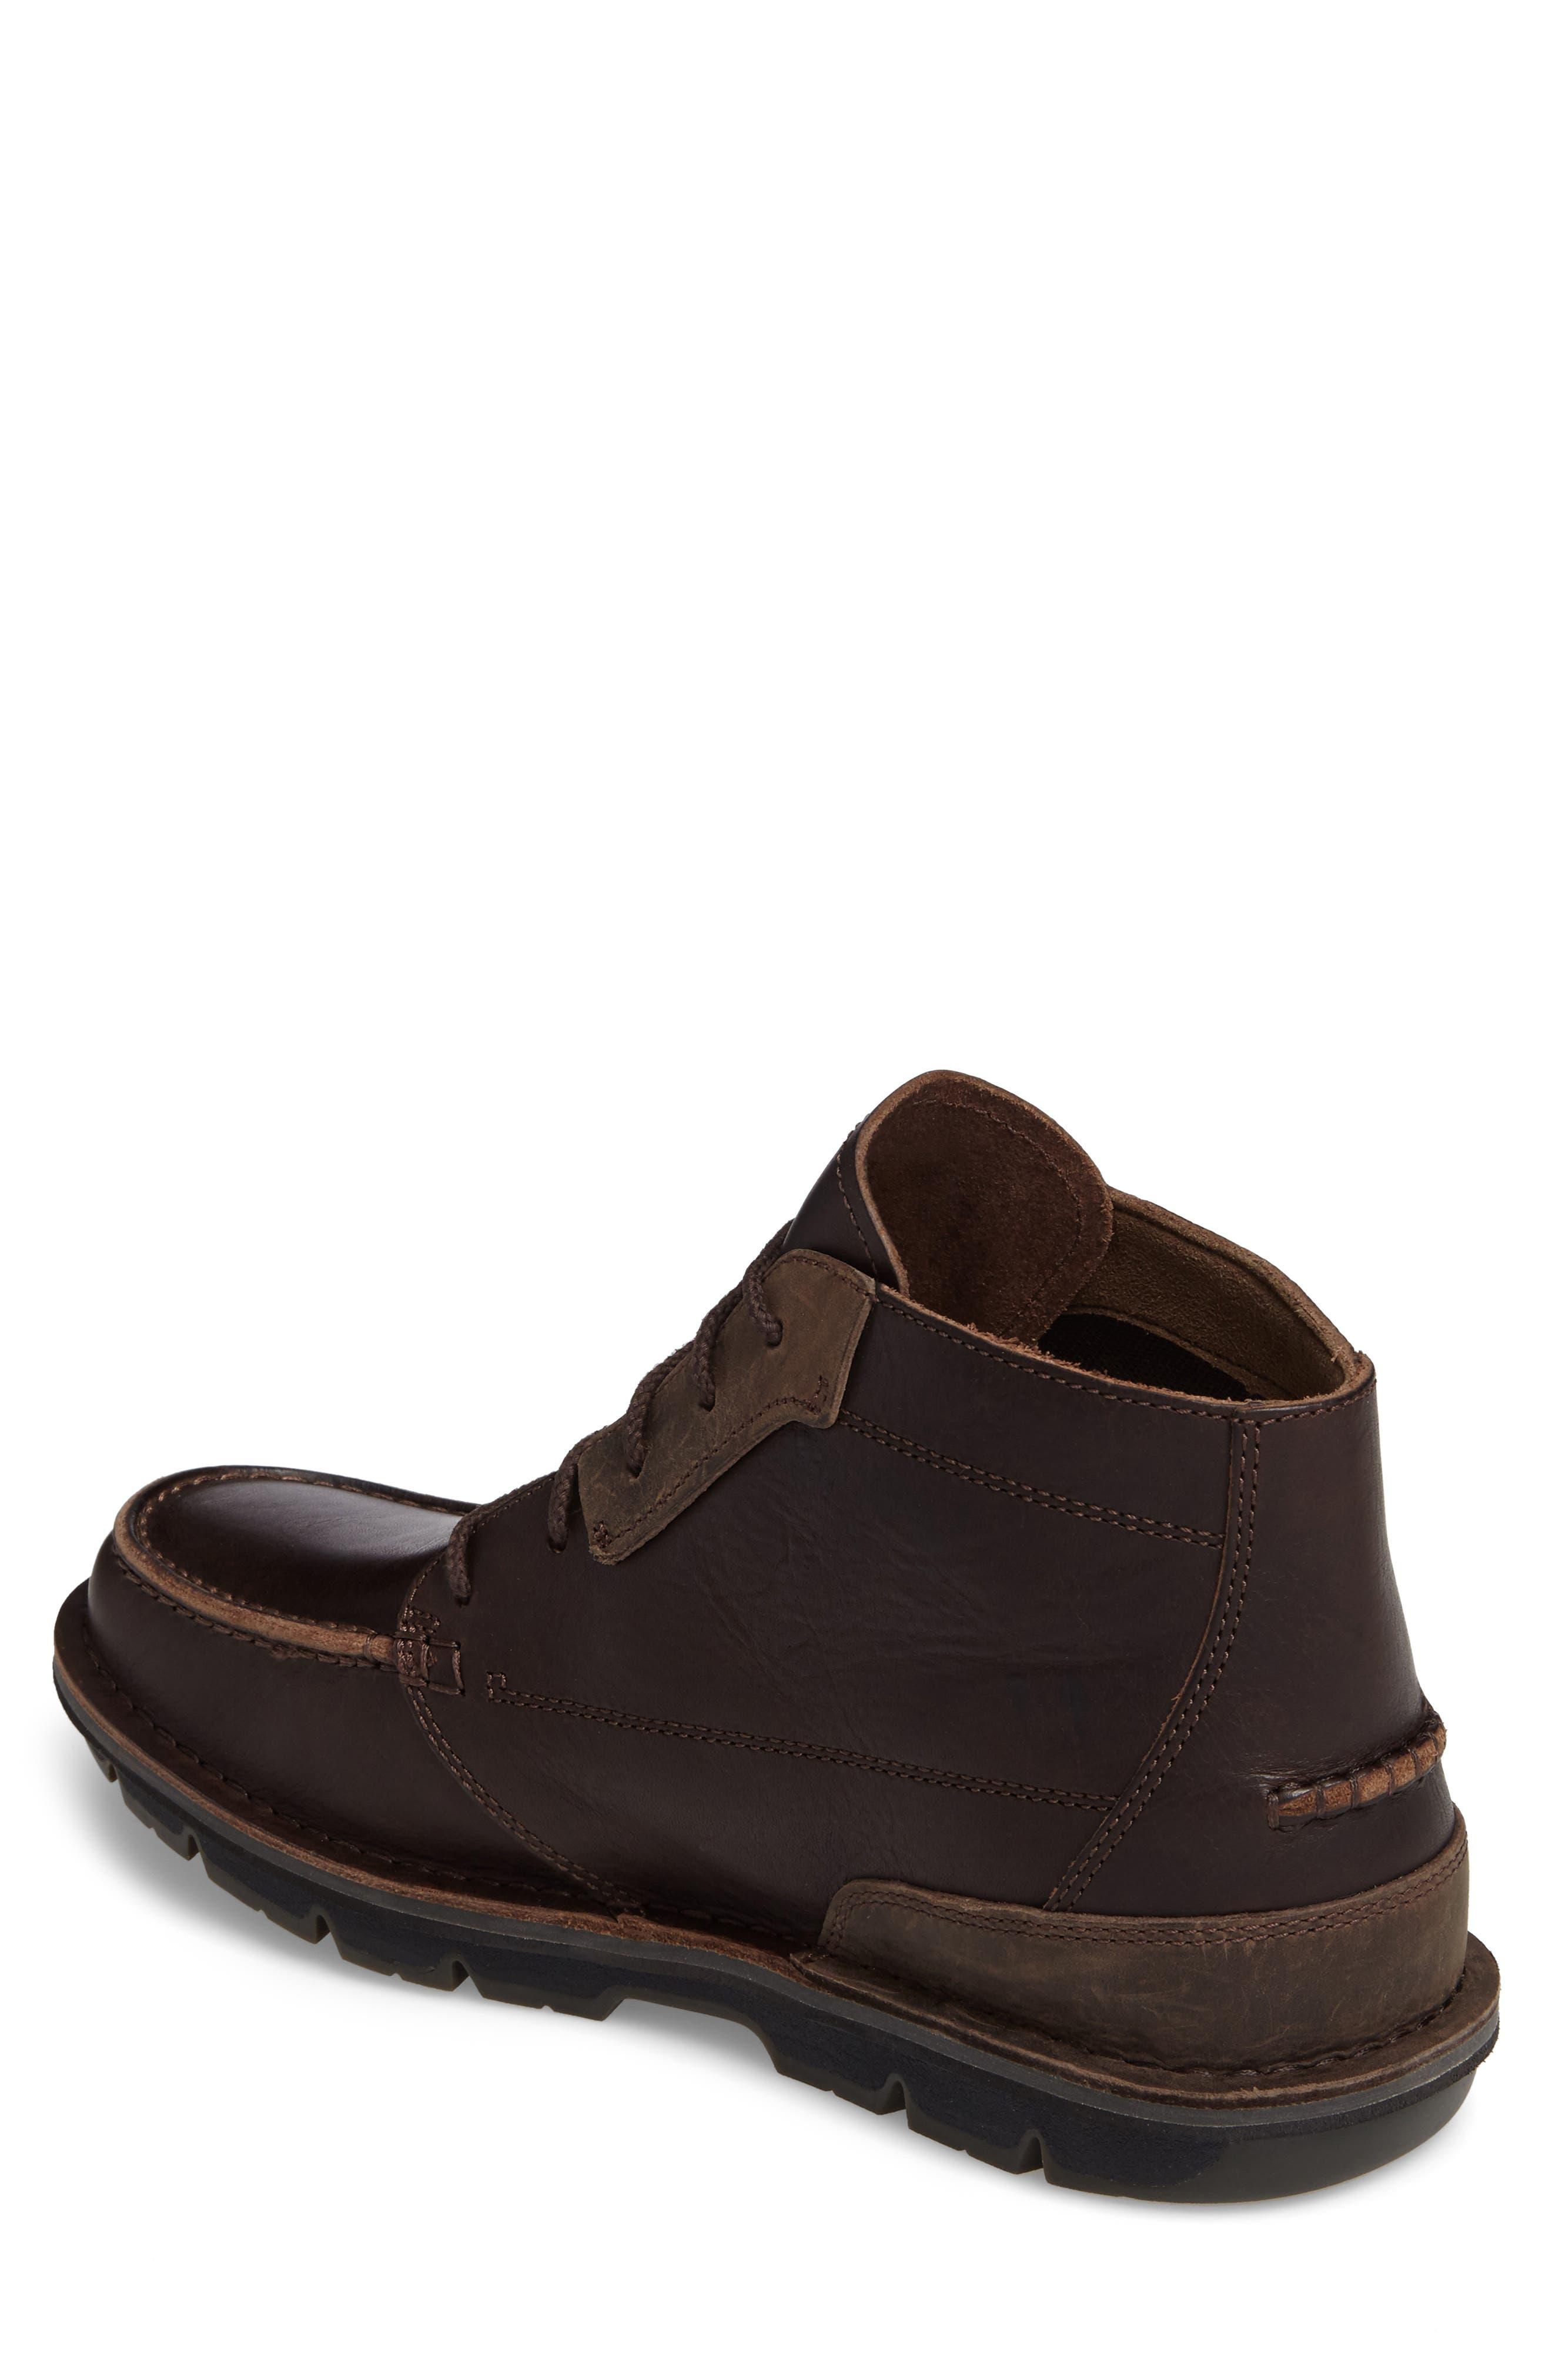 Coltin Moc Toe Boot,                             Alternate thumbnail 2, color,                             201